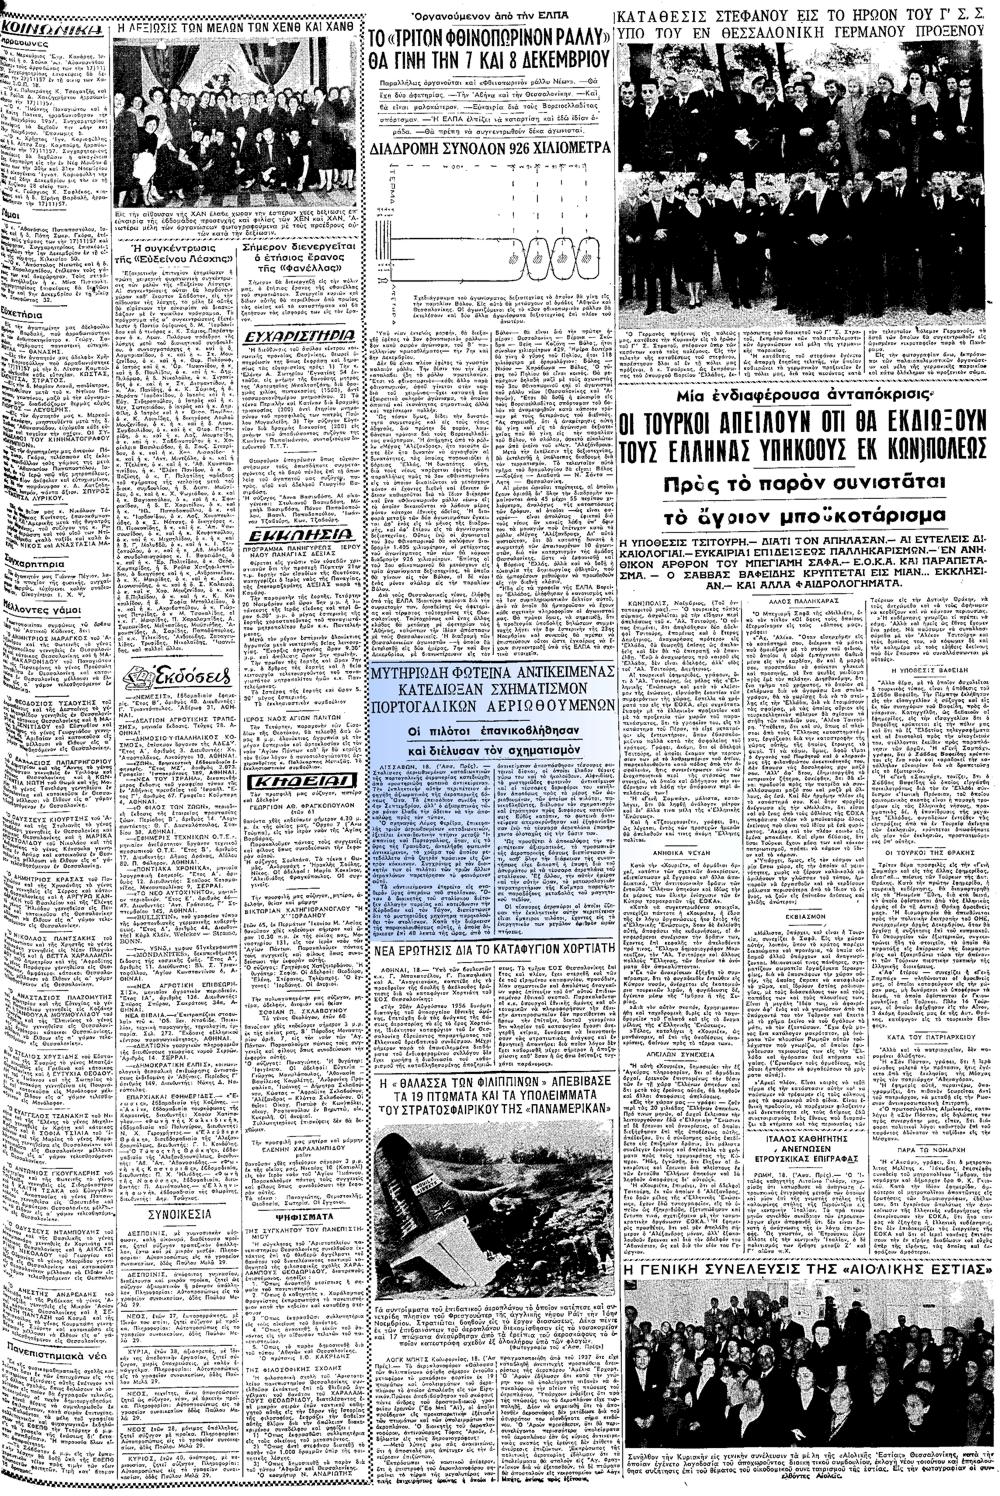 """Το άρθρο, όπως δημοσιεύθηκε στην εφημερίδα """"ΜΑΚΕΔΟΝΙΑ"""", στις 19/11/1957"""